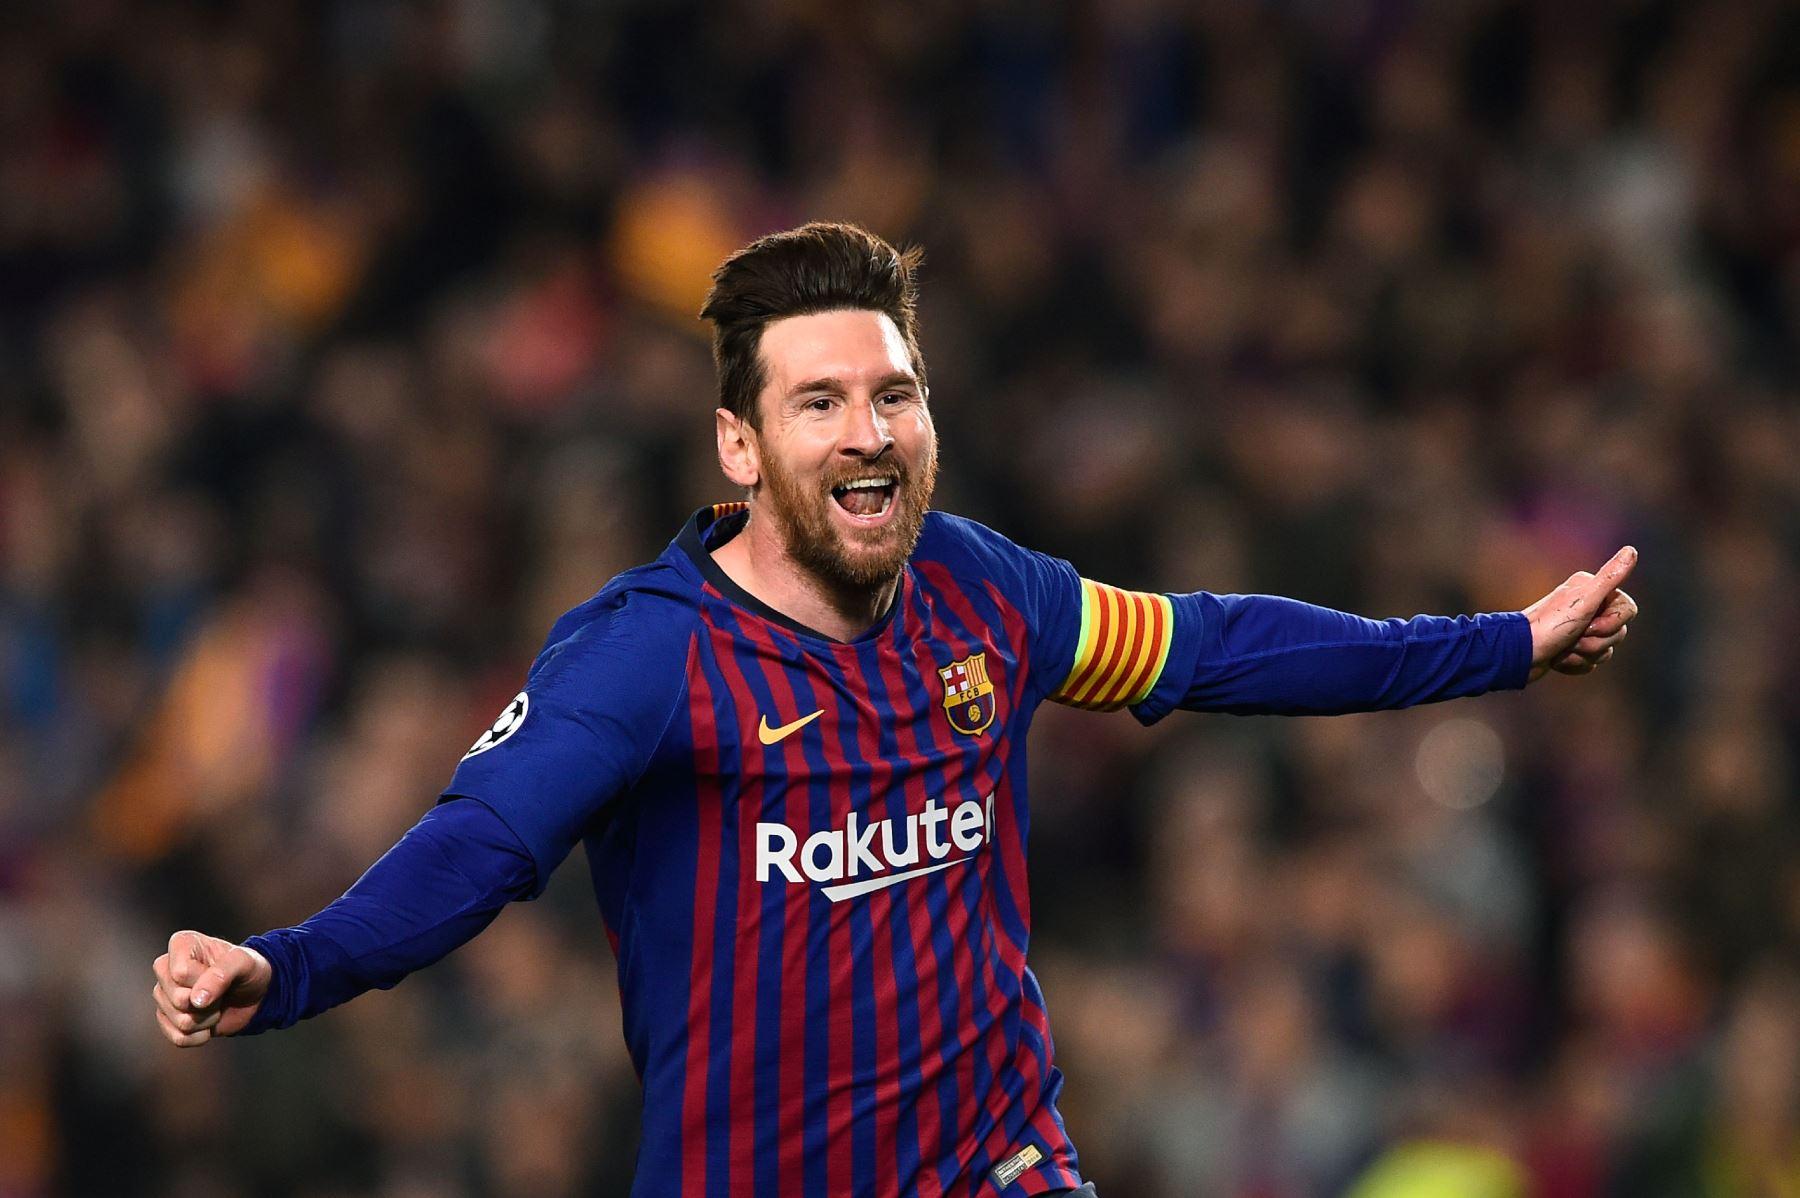 El delantero argentino de Barcelona, Lionel Messi, celebra después de anotar durante el partido de fútbol de la segunda etapa de la UEFA Champions League entre Barcelona y Manchester United.Foto:AFP